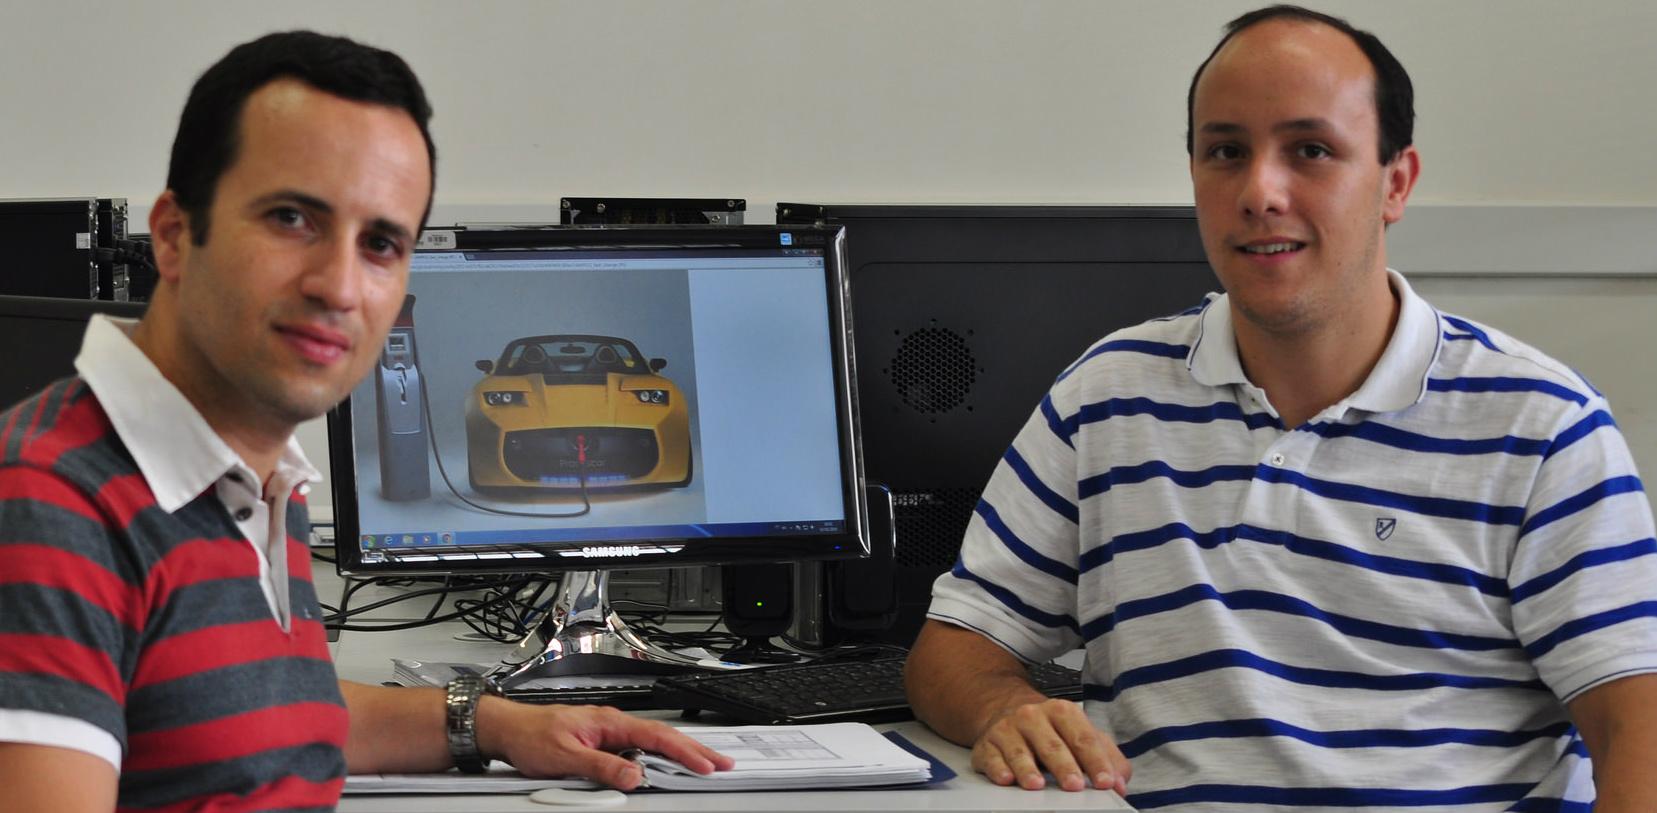 Professores_Leonardo_Willer_e_Bruno_Dias_Fac_Engenharia_UFJF